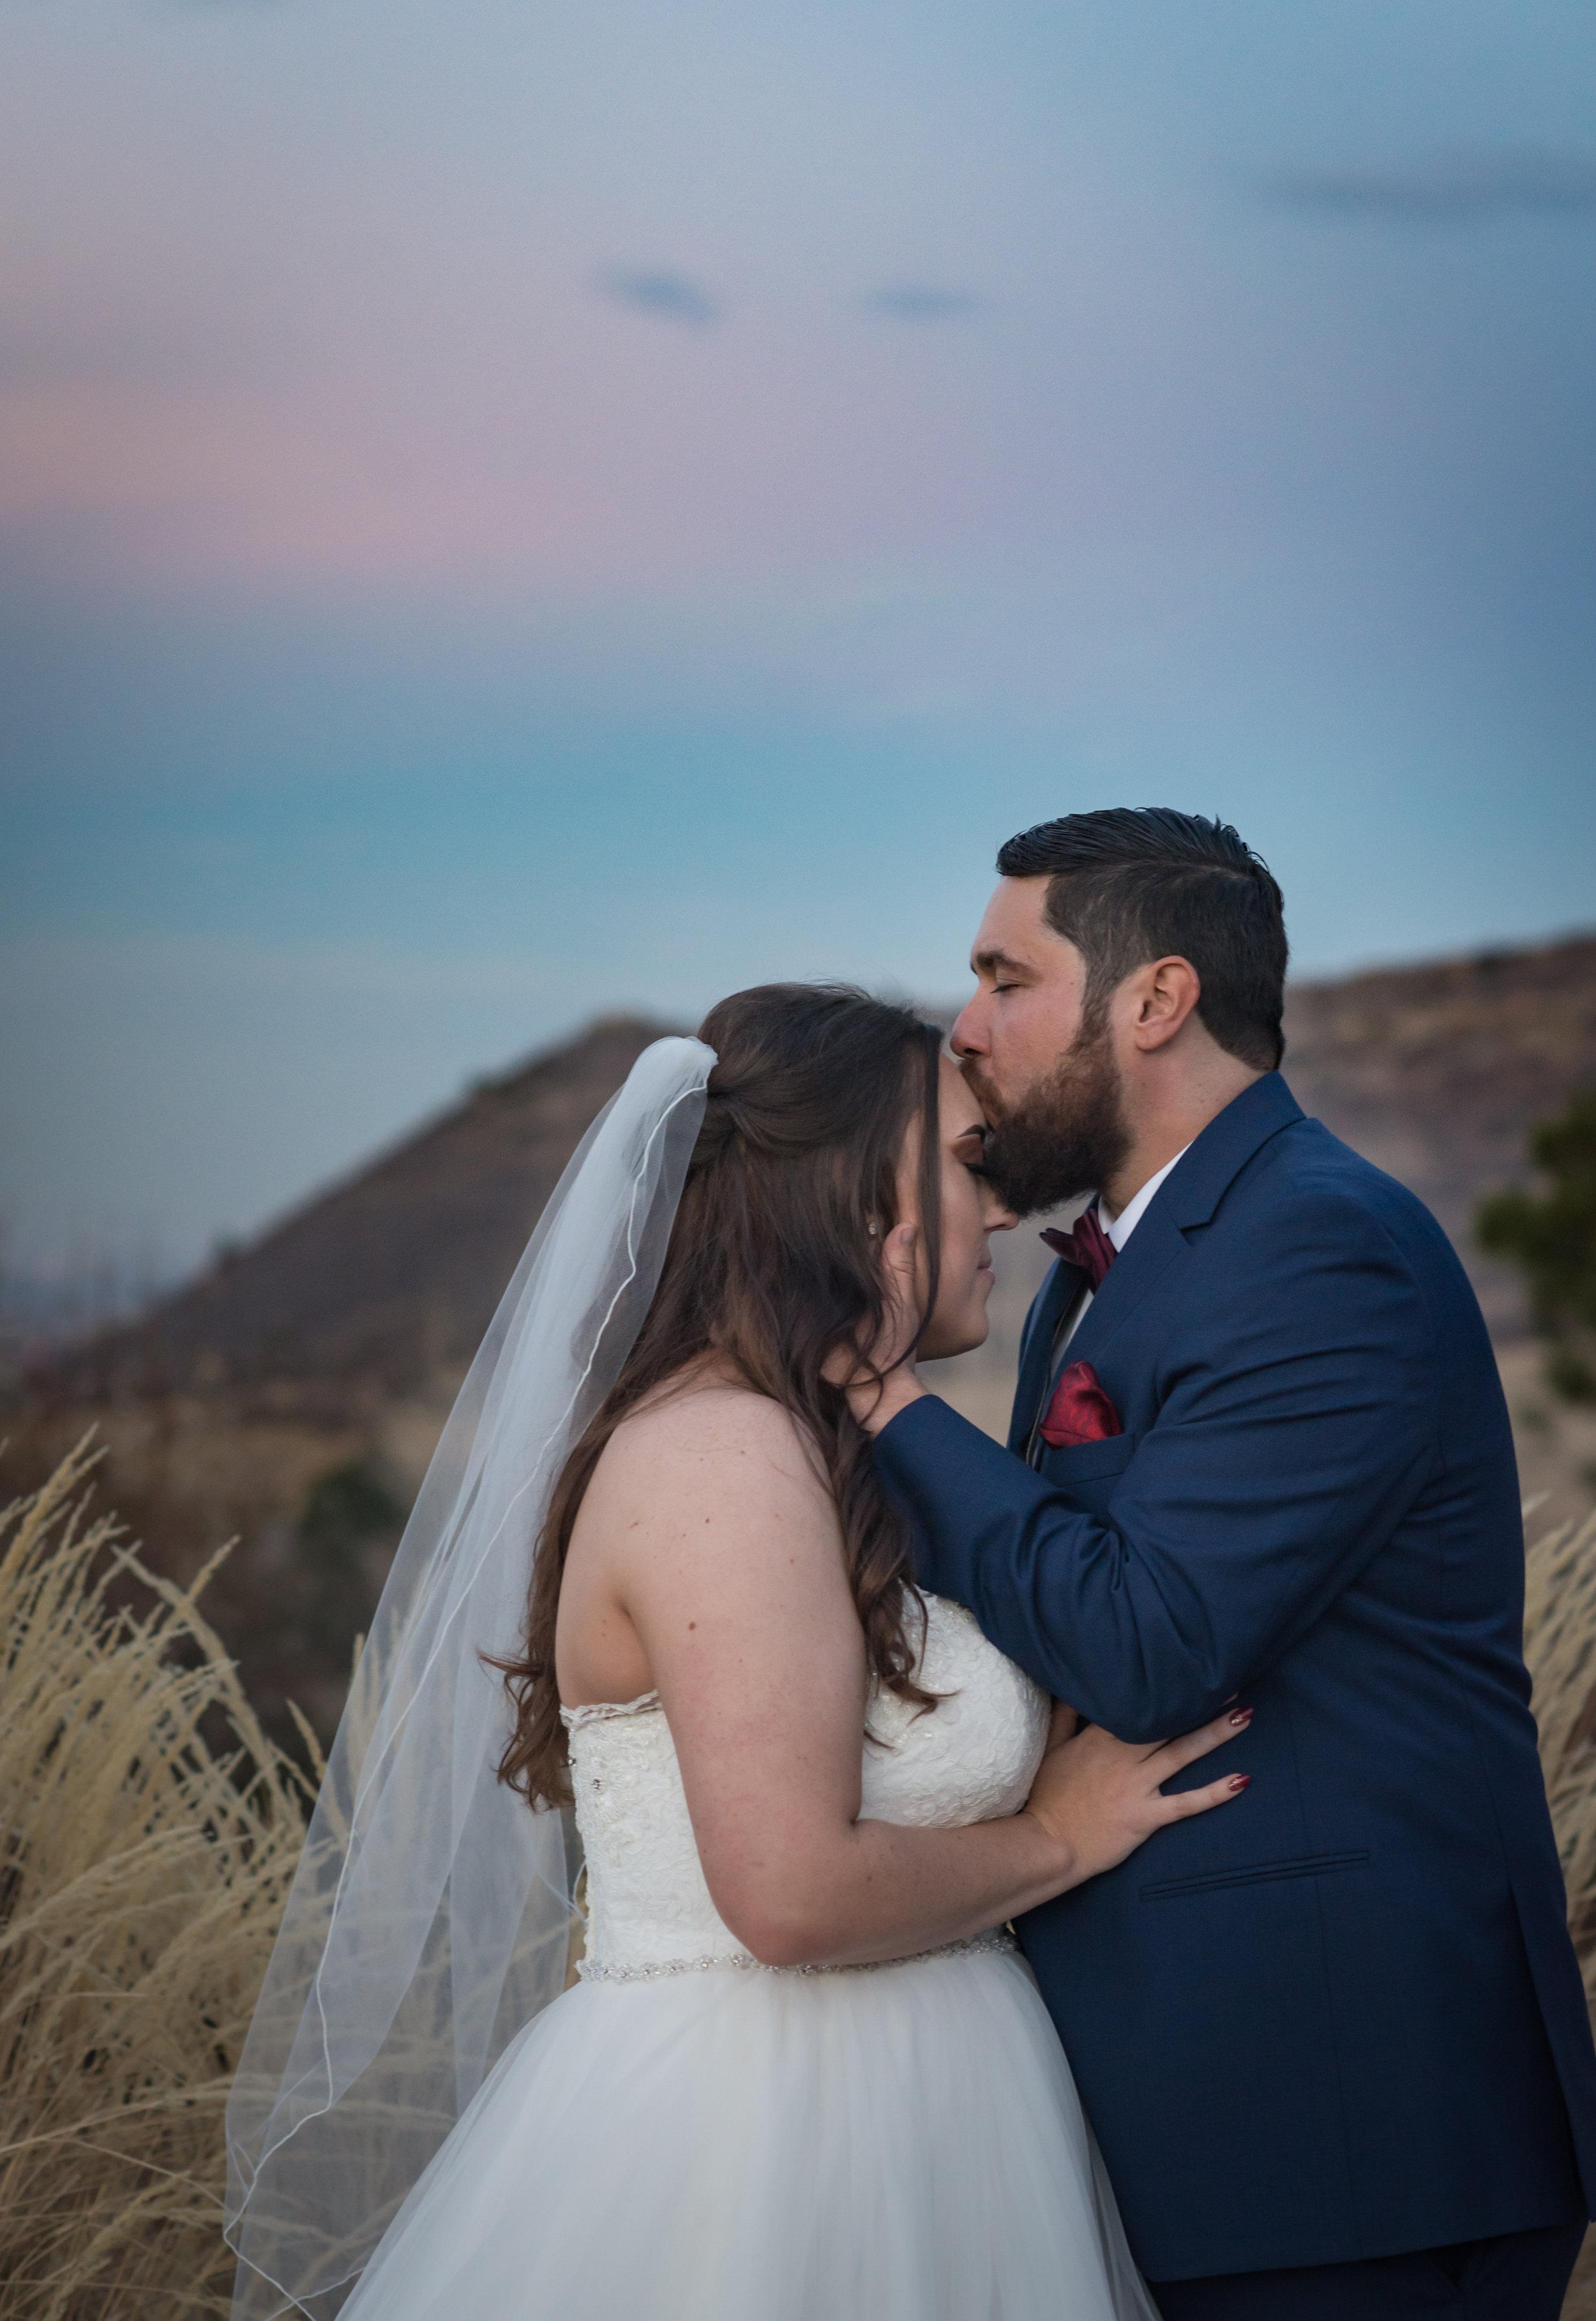 Wedding - Starting at $1,200